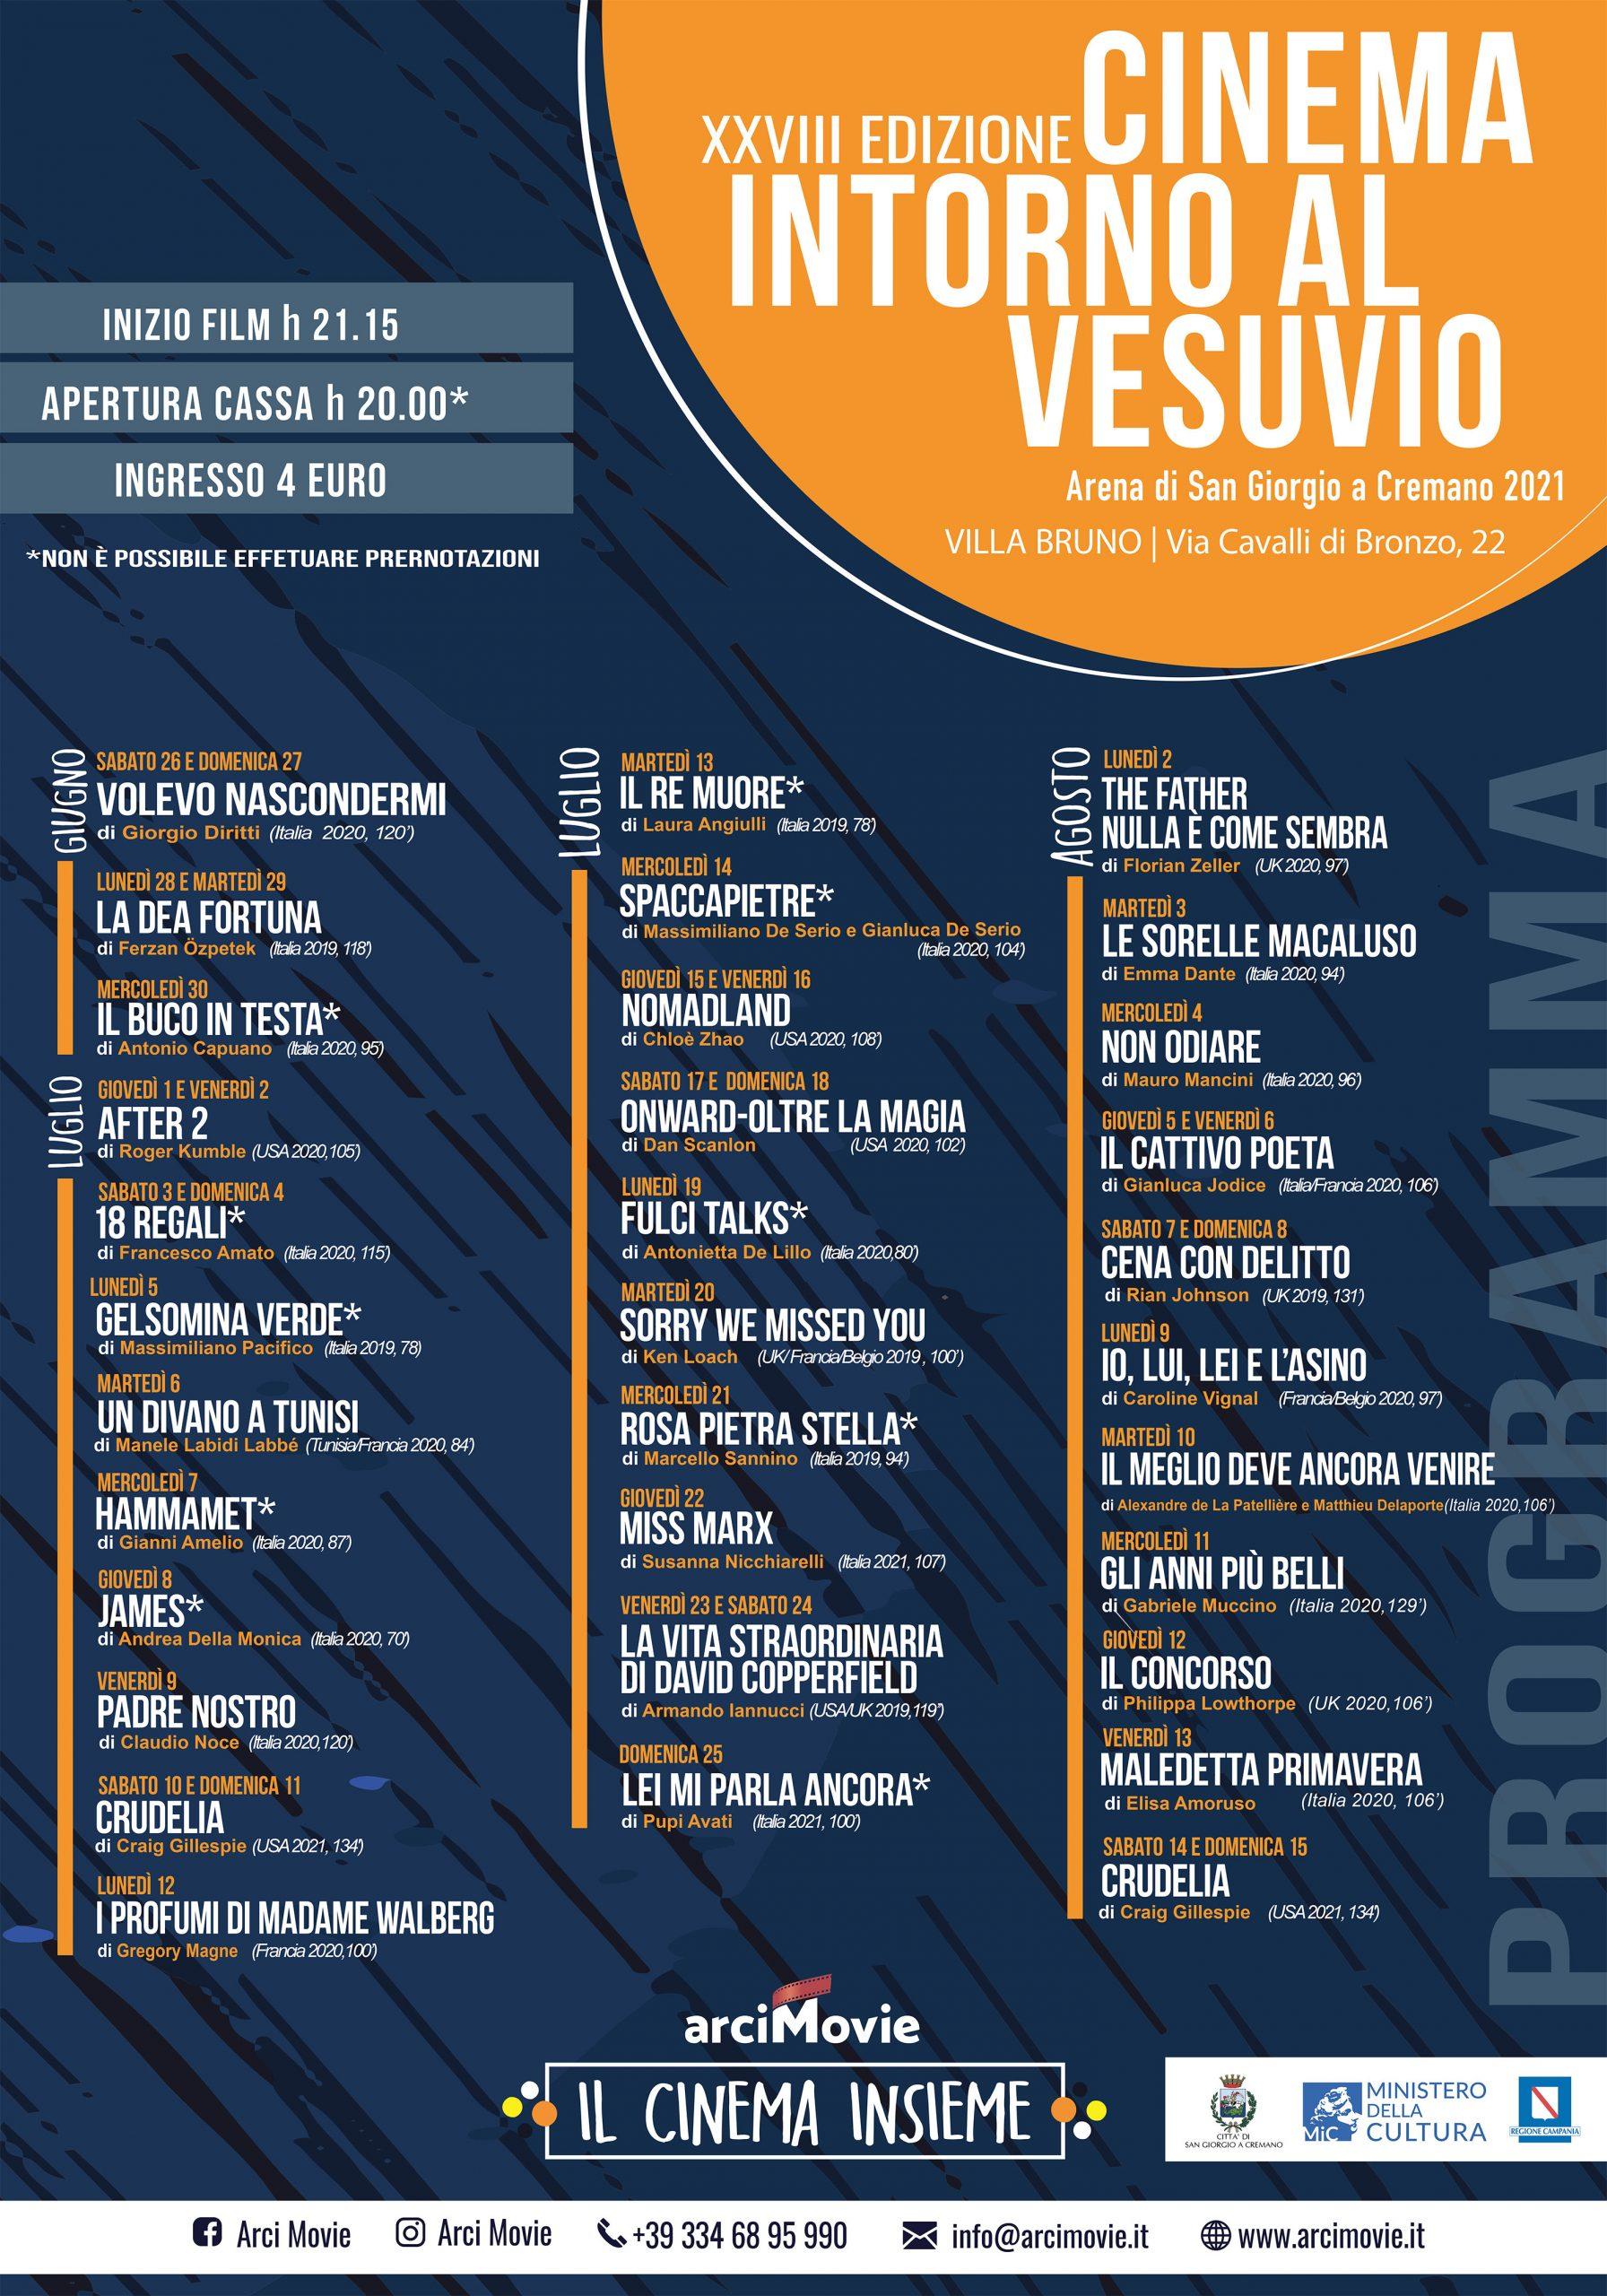 Cinema intorno al Vesuvio, al via la 28esima edizione